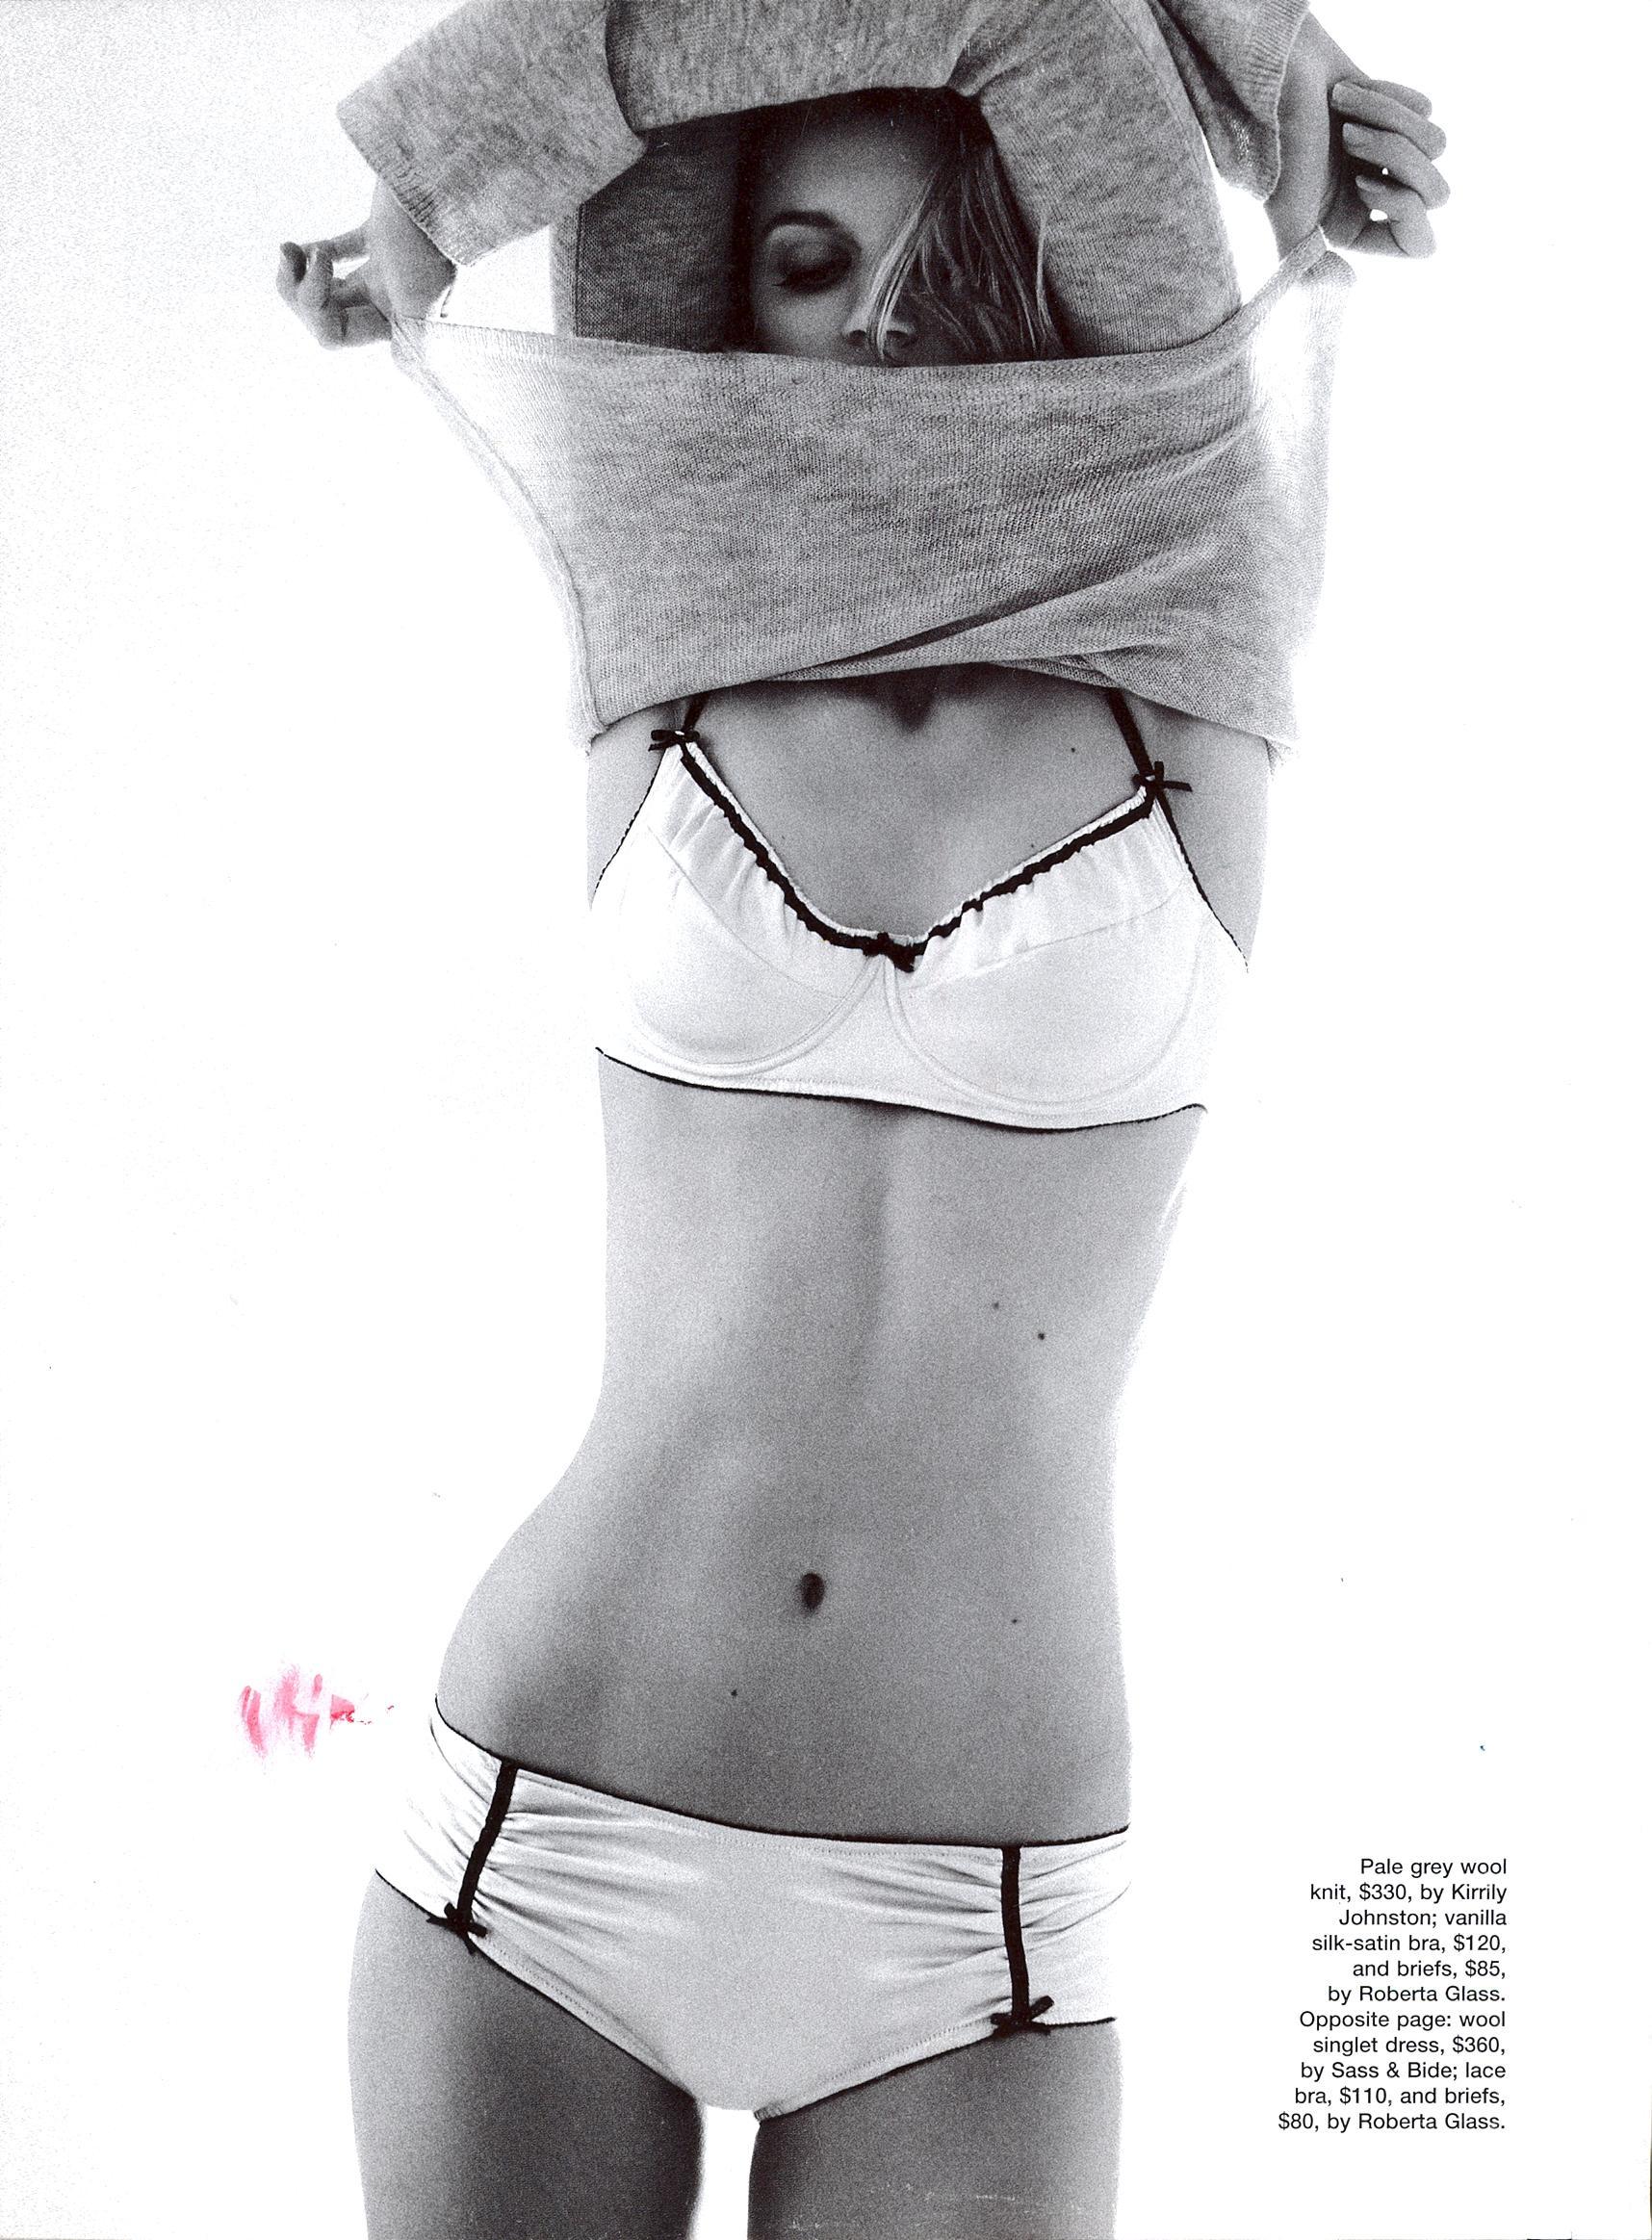 Jayne Moore for Australian Elle Marianne faithfull fashion story shot by Pamela Hanson  cute cashmere knit undressing elegant lingerie elle magazine pamela hanson